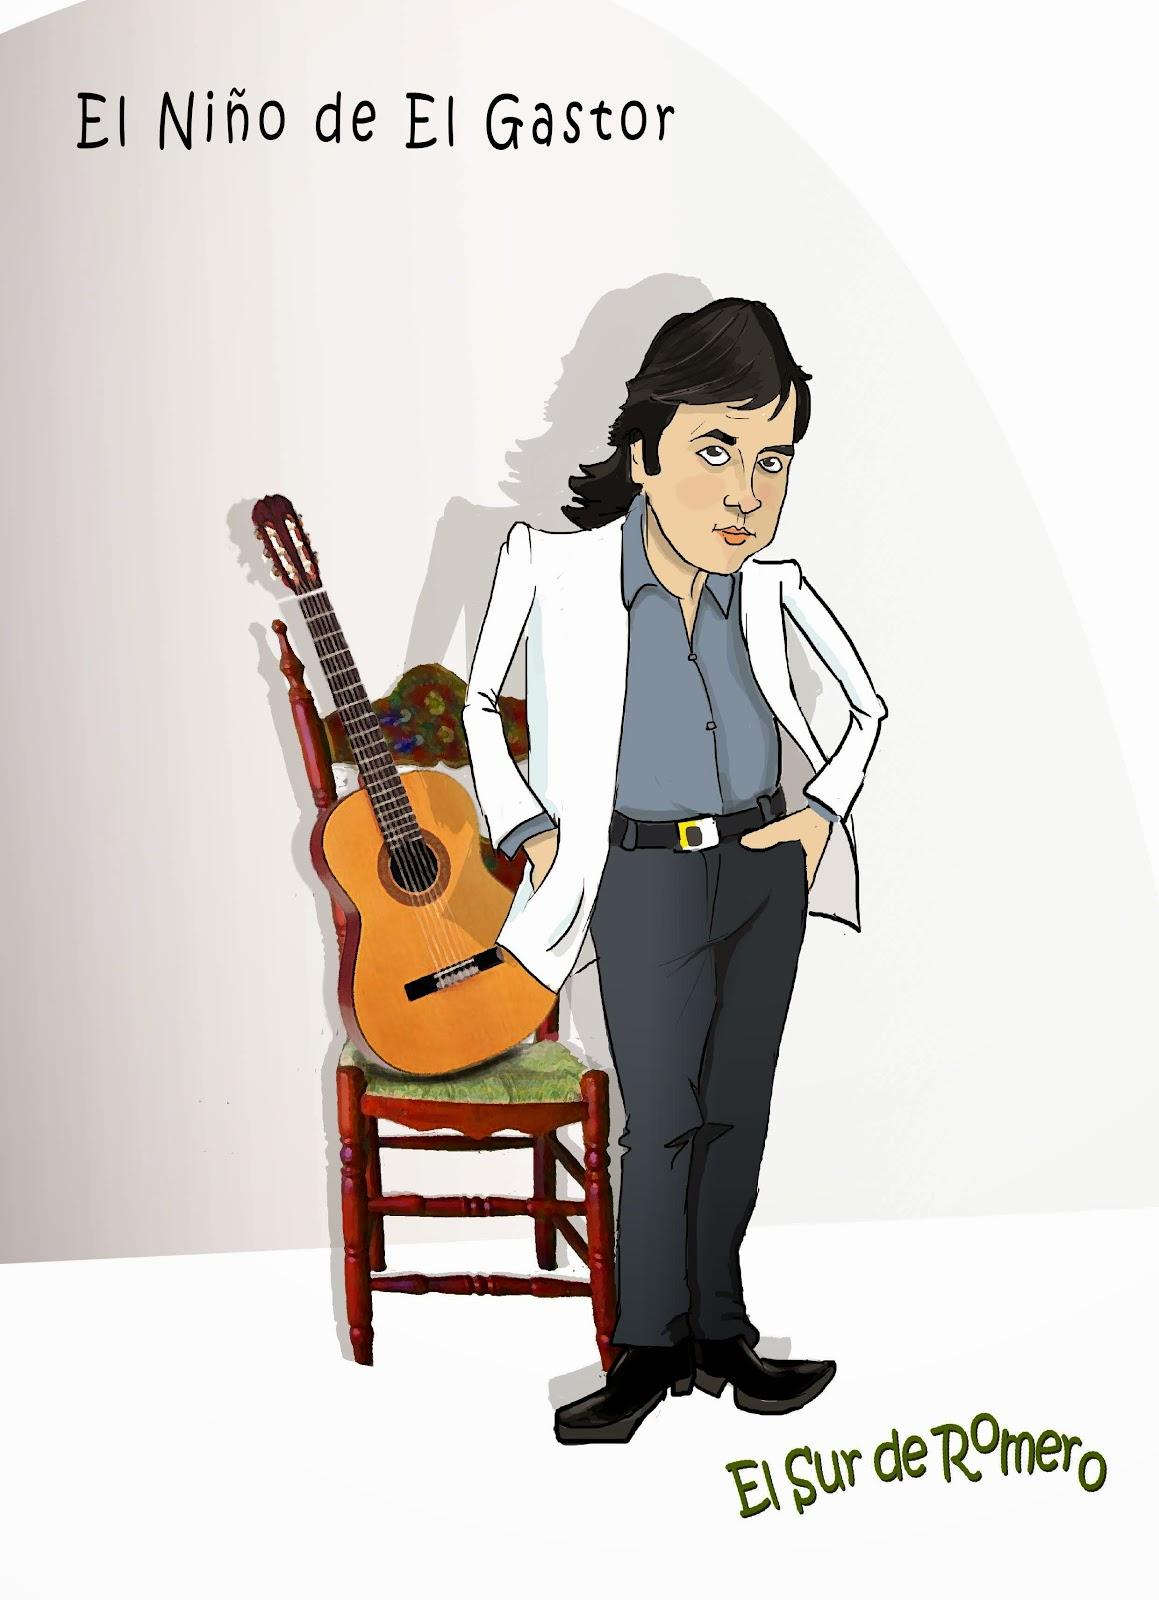 """<img src=""""El niño de El Gastor.jpg"""" alt=""""cantaor flamenco en dibujo""""/>"""